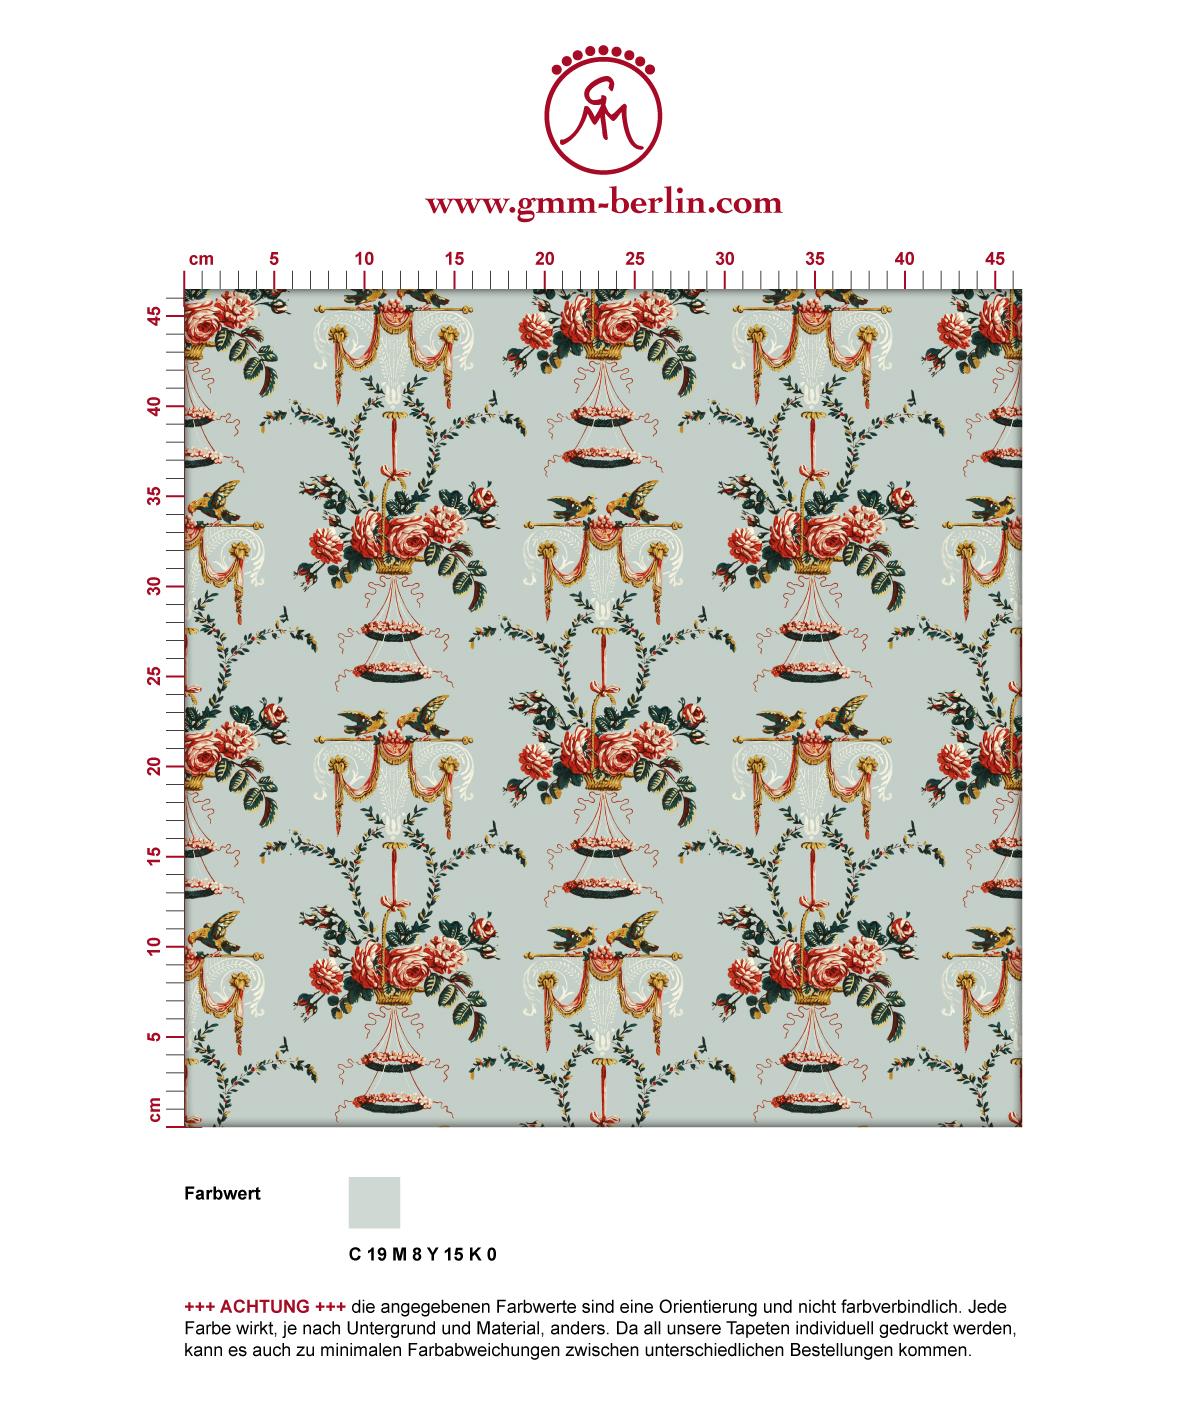 """""""Pure Rococo"""" elegante Tapete mit üppigen Rosen, Tauben und Blumen Kränzen in hellblau. Aus dem GMM-BERLIN.com Sortiment: Schöne Tapeten in der Farbe: hellblau"""